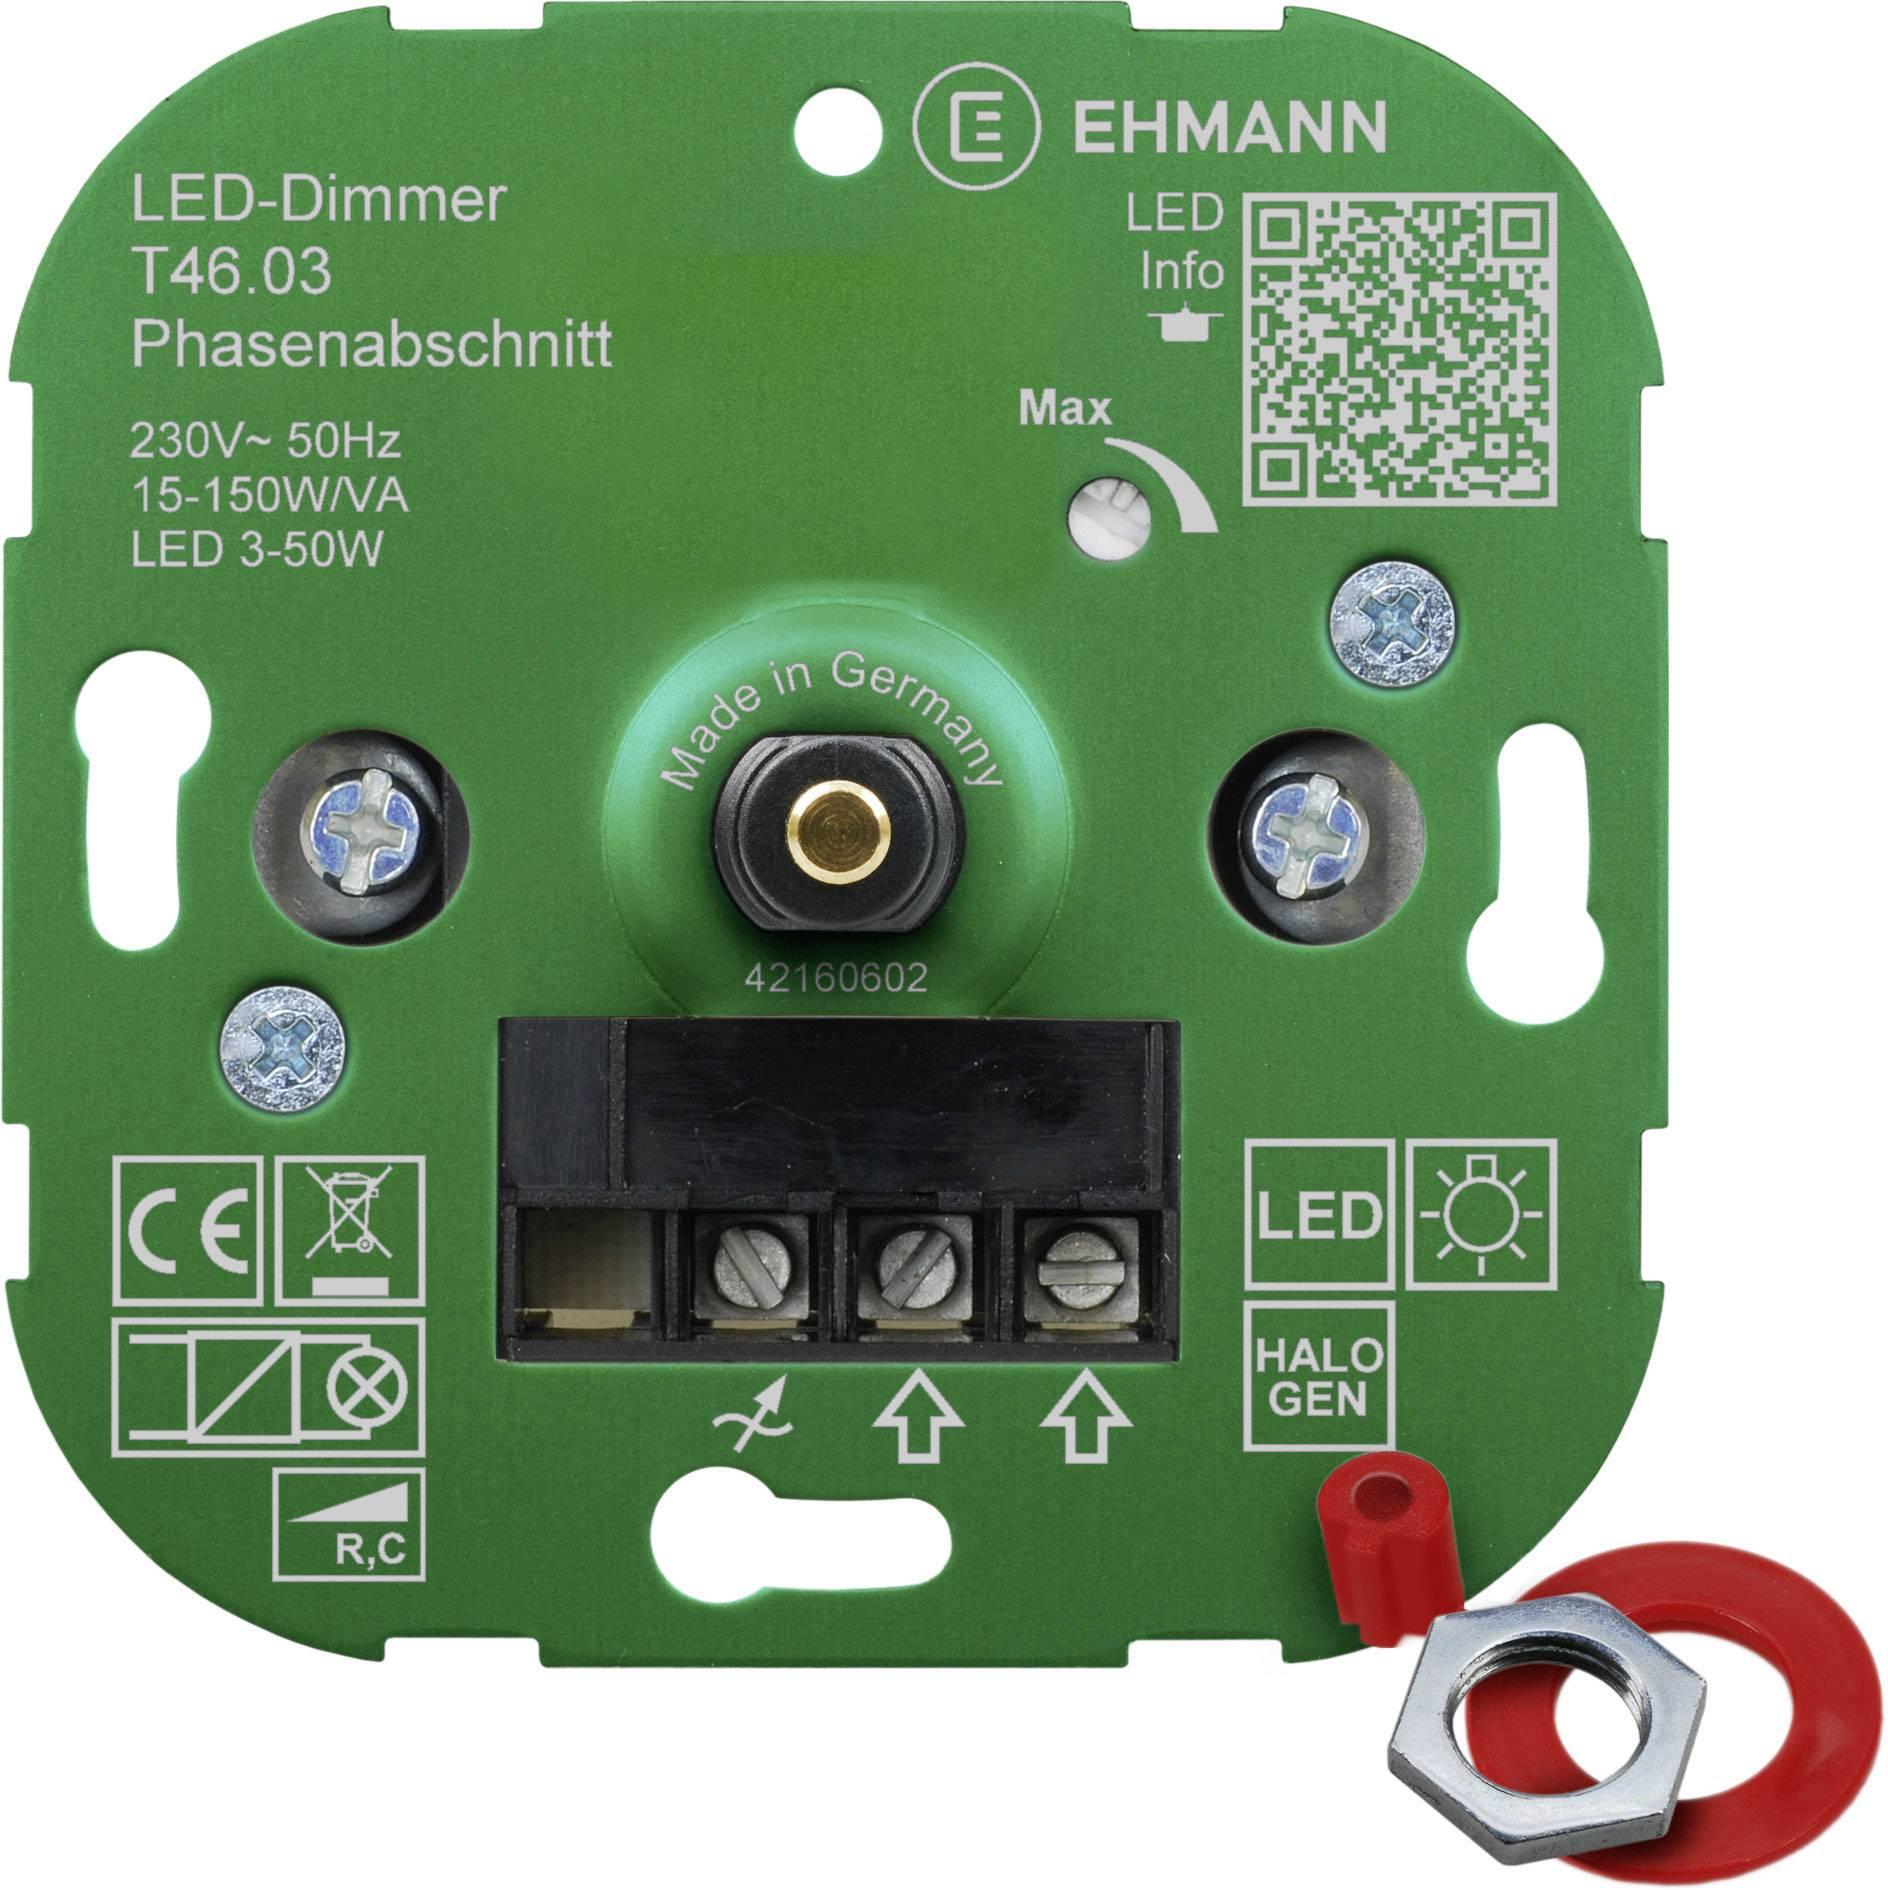 Ehmann 4600x0300 Unterputz Dimmer Geeignet für Leuchtmittel: LED Lampe, Energiesparlampe, Halogenlampe, Glühlampe